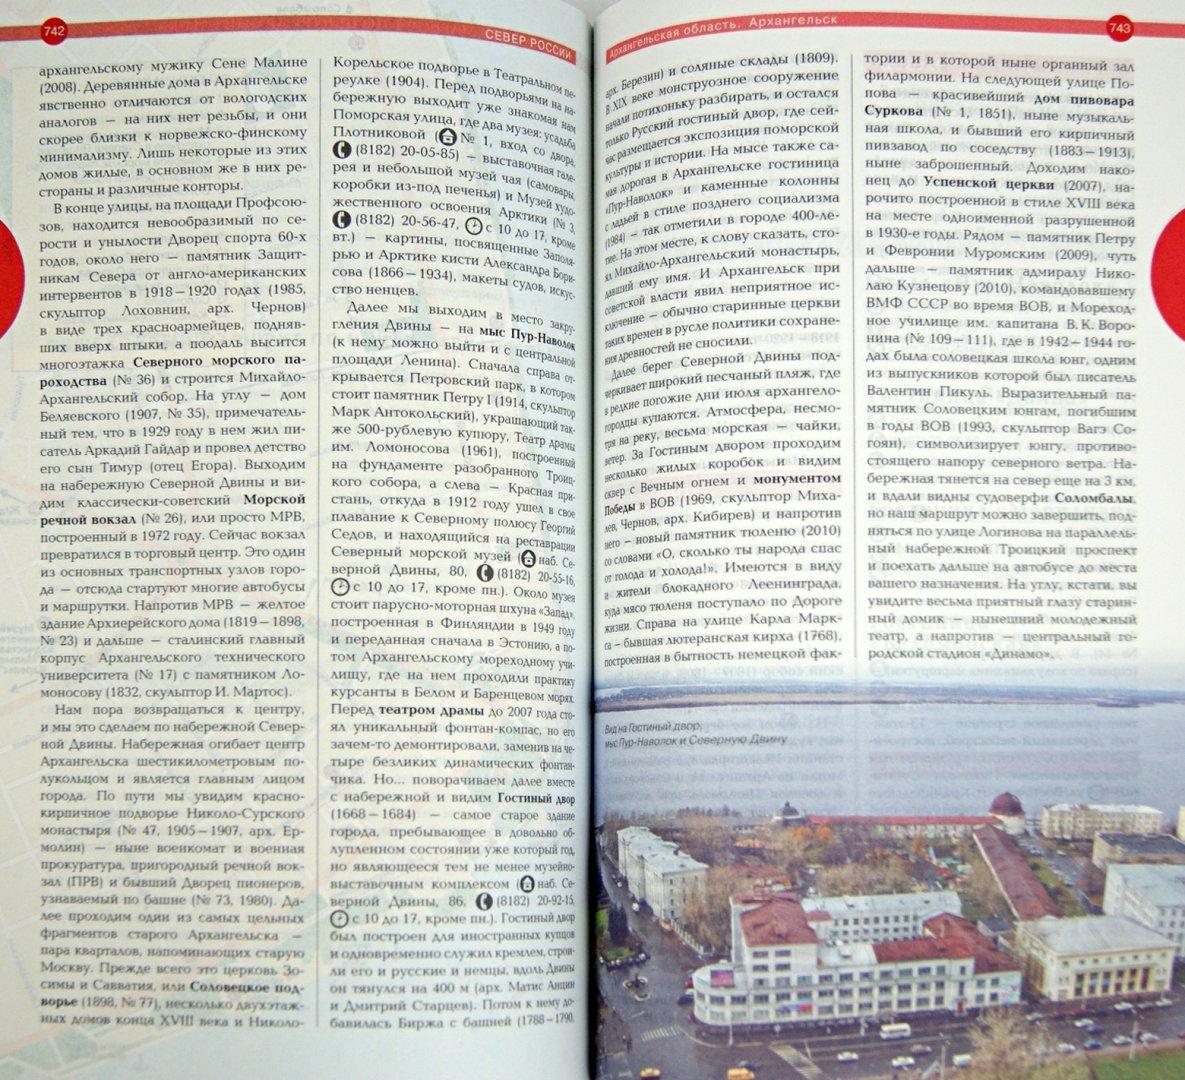 Иллюстрация 1 из 31 для Россия (+DVD) - Крылов, Кульков | Лабиринт - книги. Источник: Лабиринт